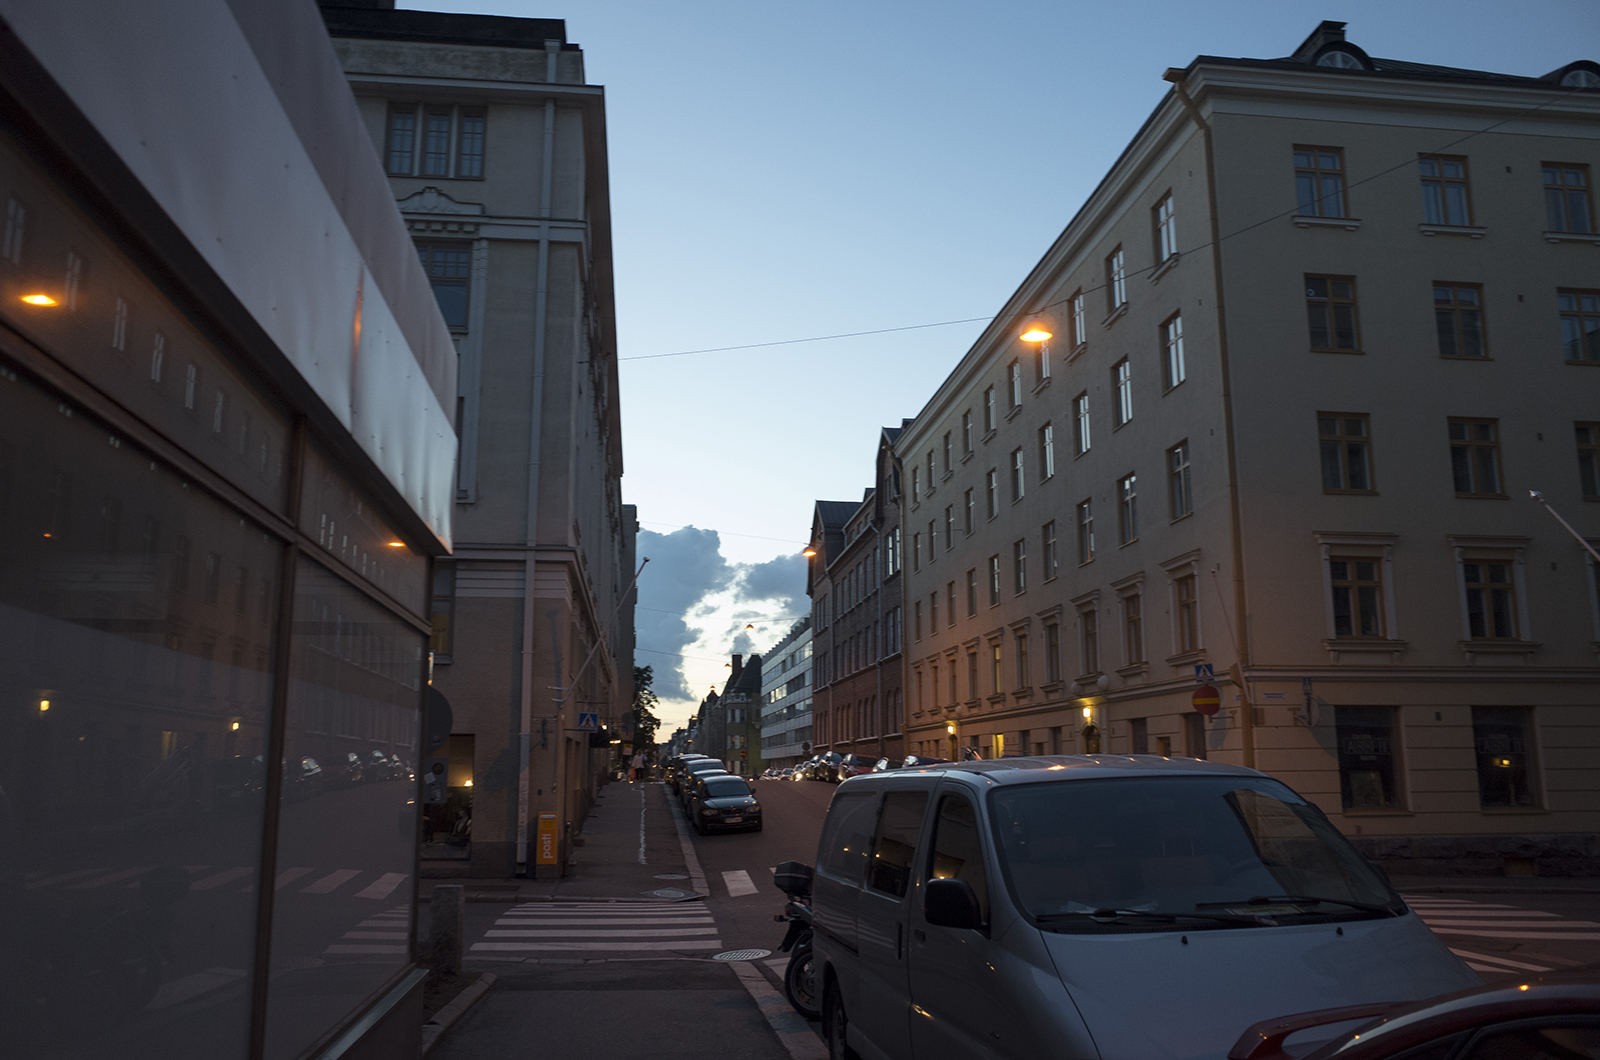 北欧周遊の旅2015・1日目